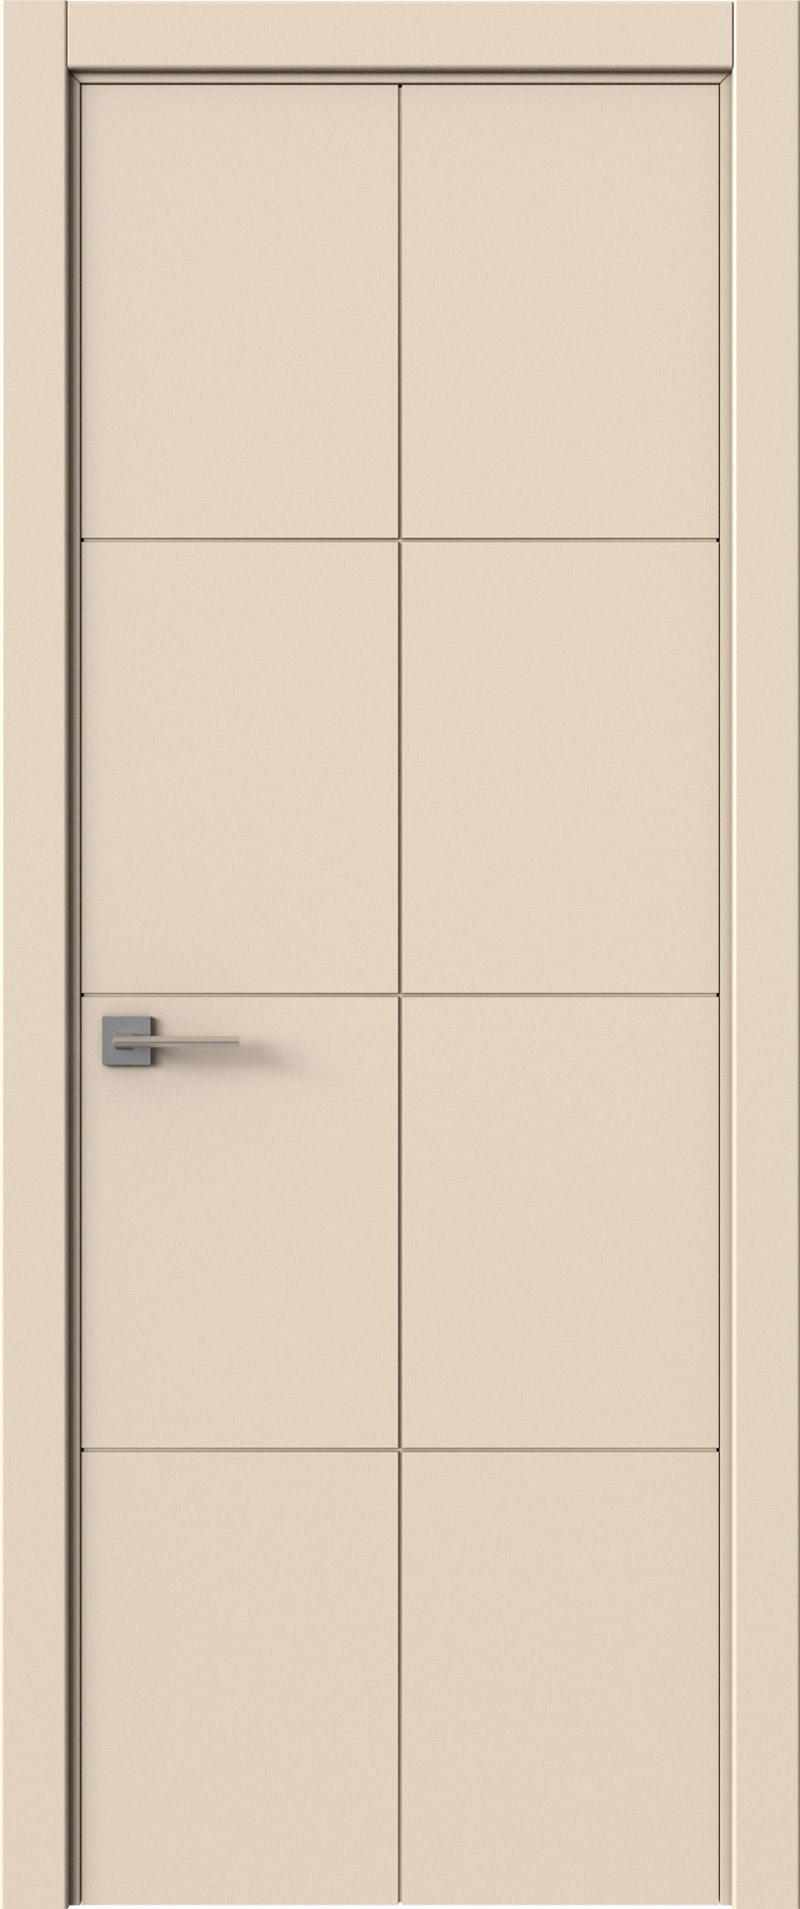 Tivoli Л-2 цвет - Жемчужная эмаль (RAL 1013) Без стекла (ДГ)